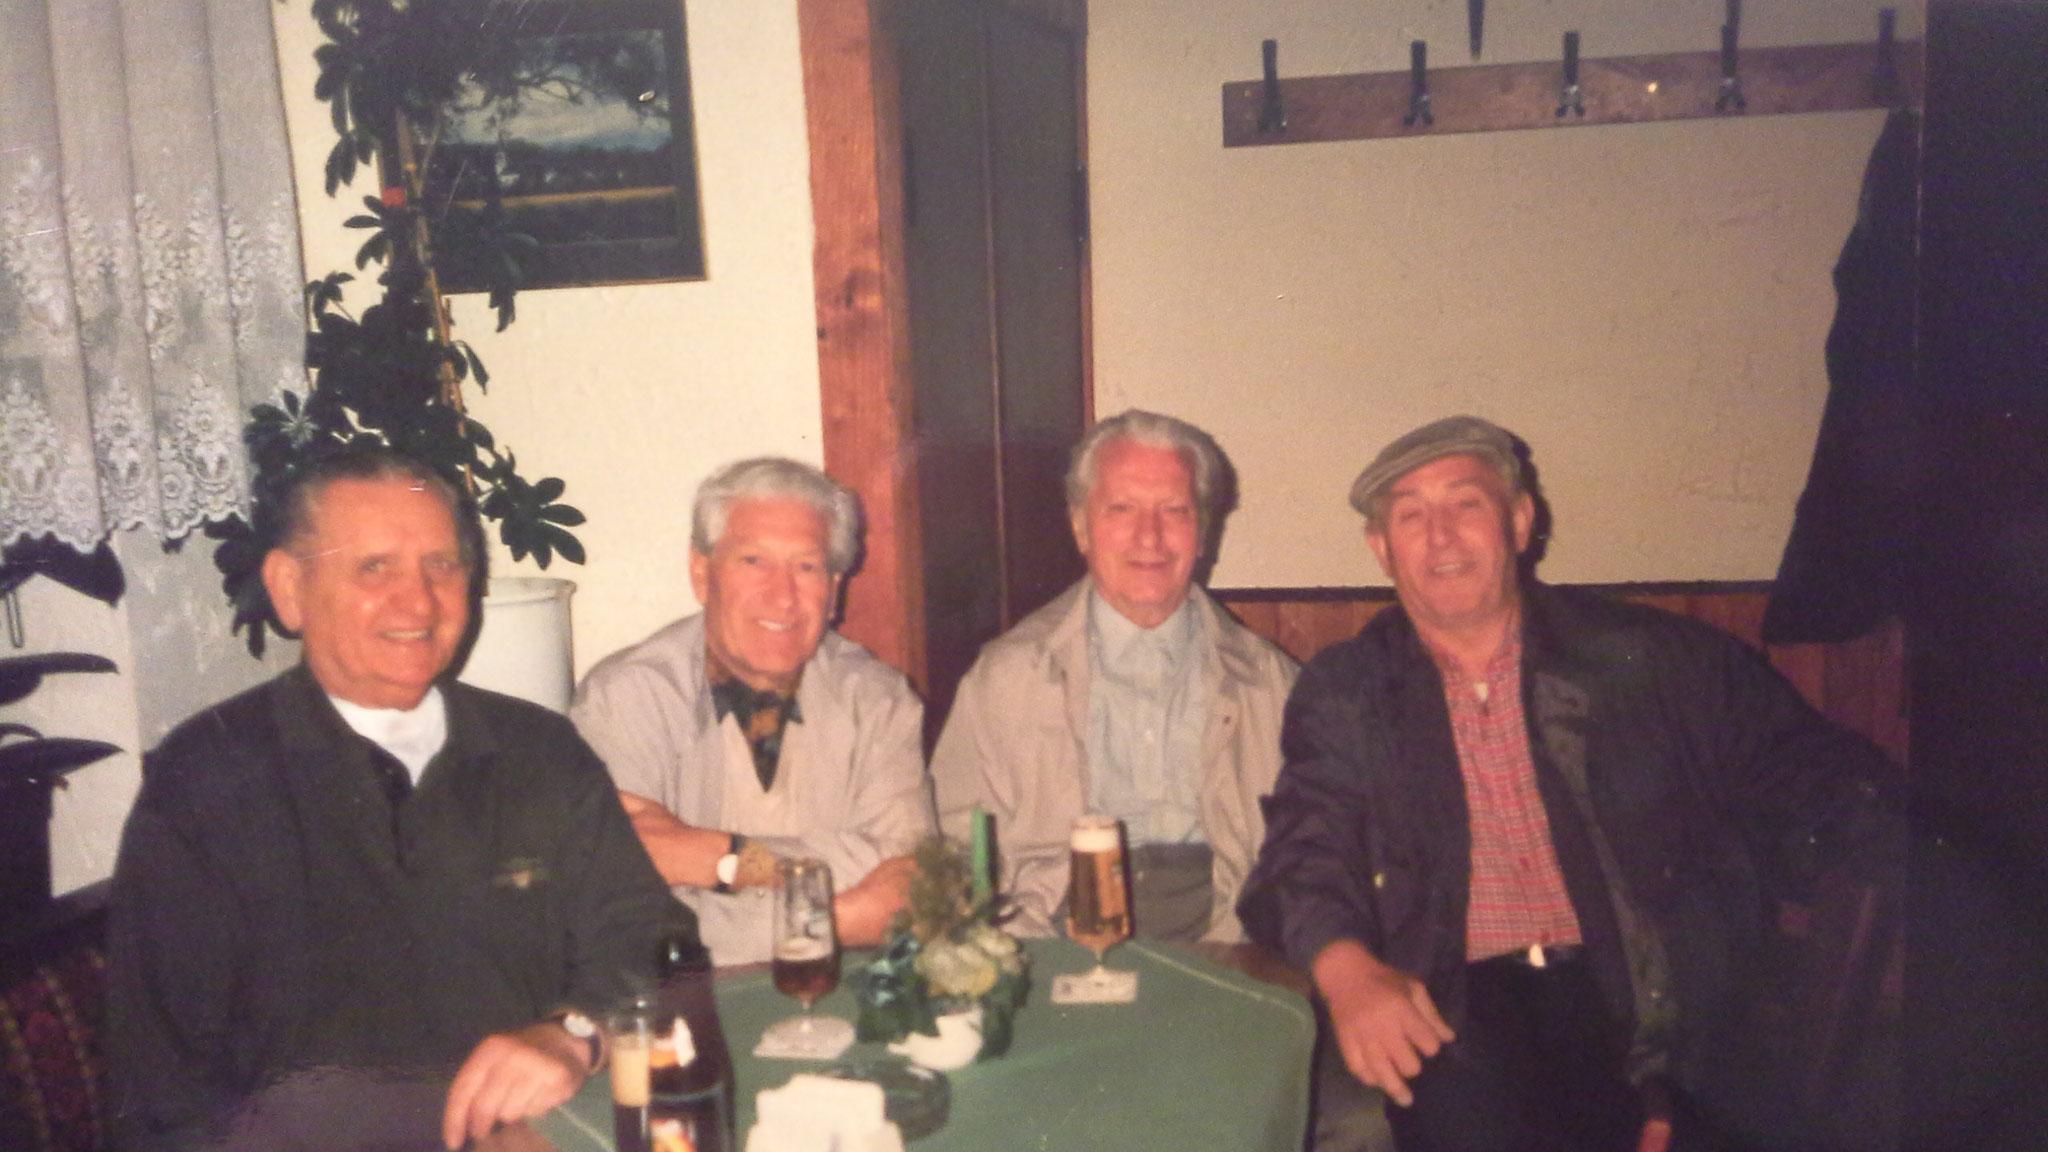 ...nach dem Spiel zum Bernadette / 1990er Jahre - Glauben Klaus, Amann Leonhard, Amann Adolf und Zenner Albert